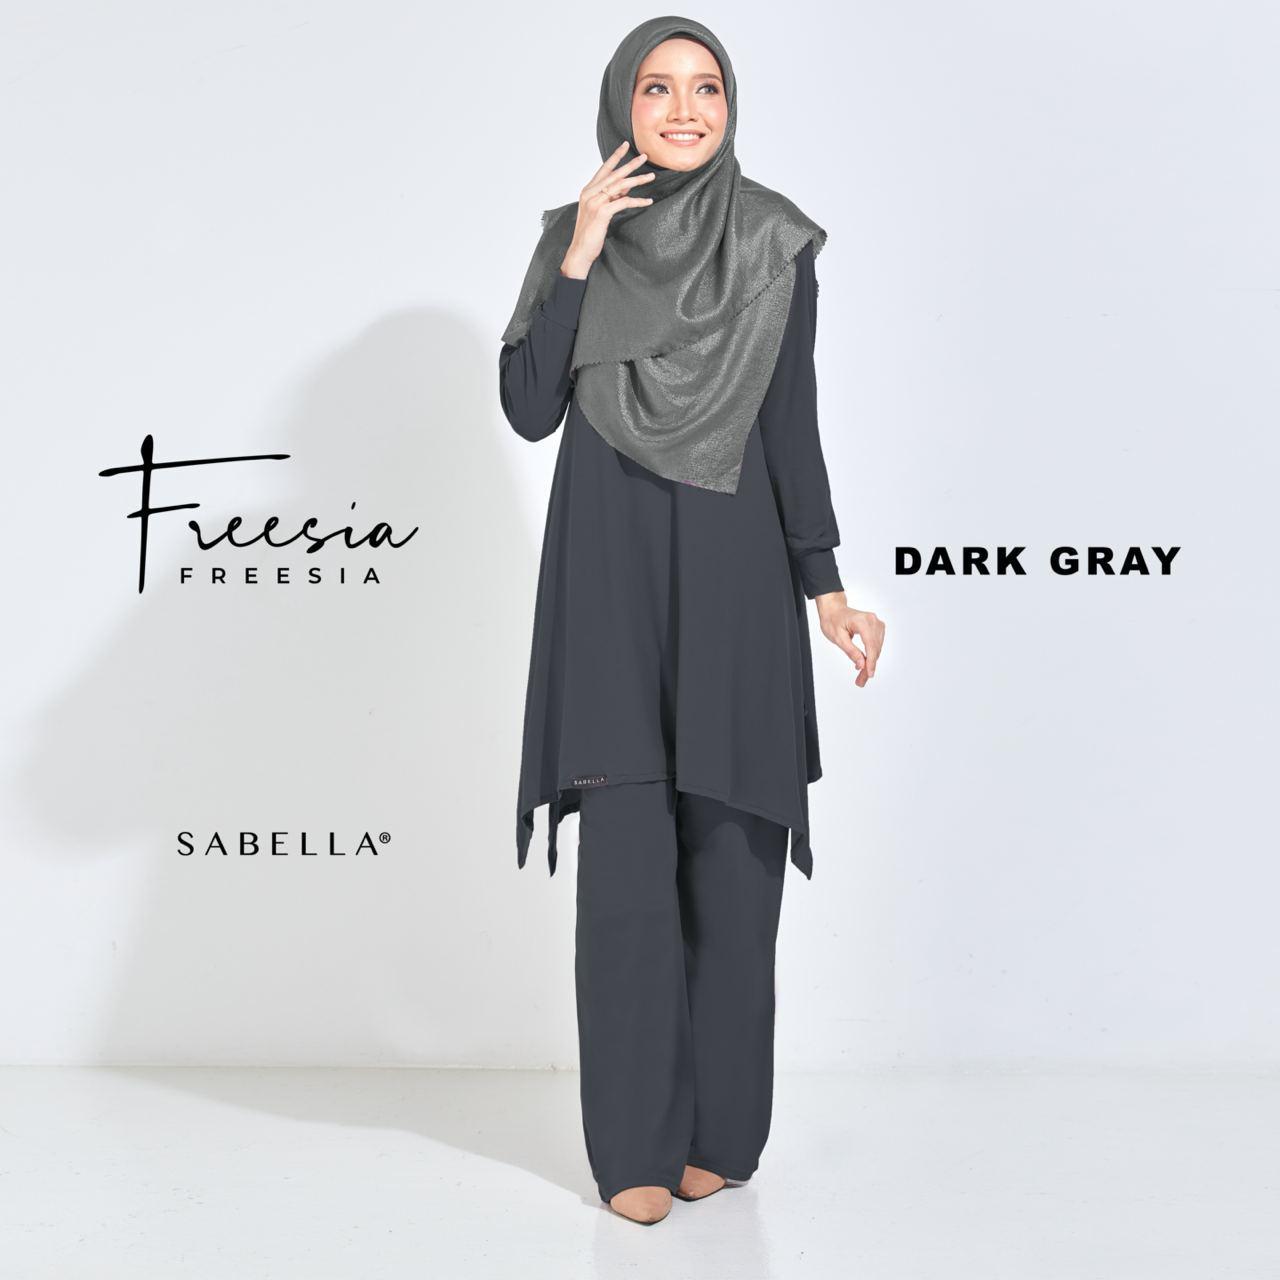 Freesia Dark Gray